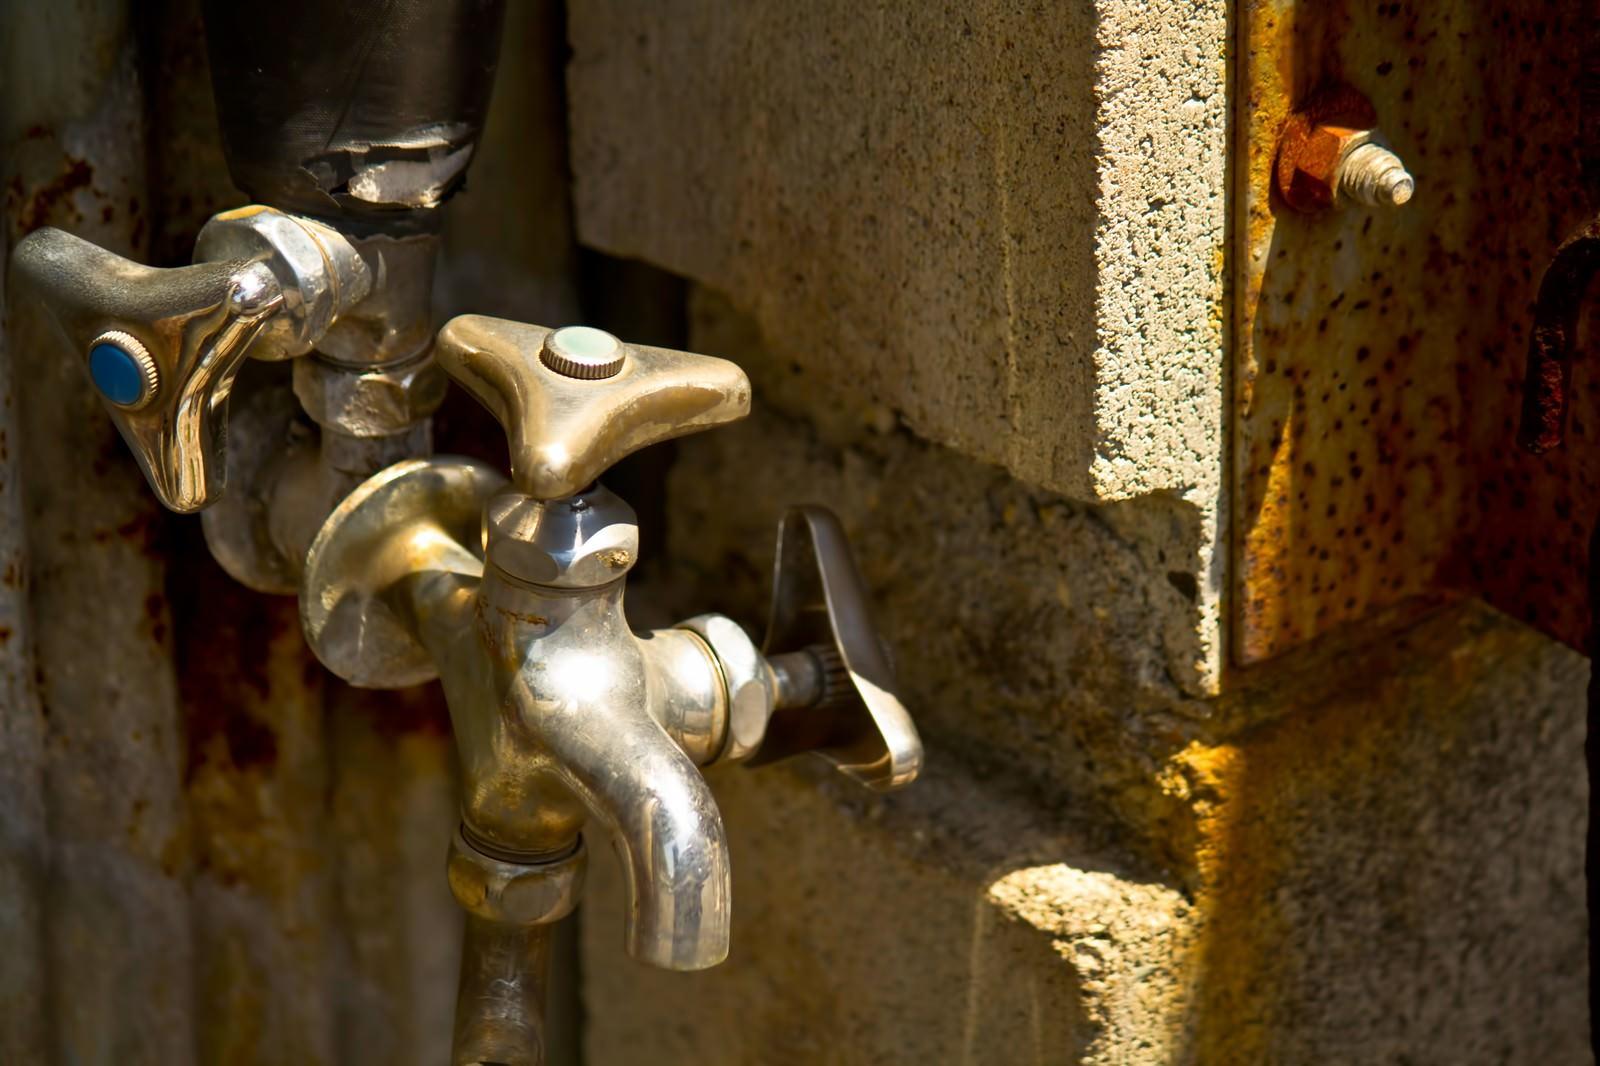 「錆びた水道の蛇口錆びた水道の蛇口」のフリー写真素材を拡大